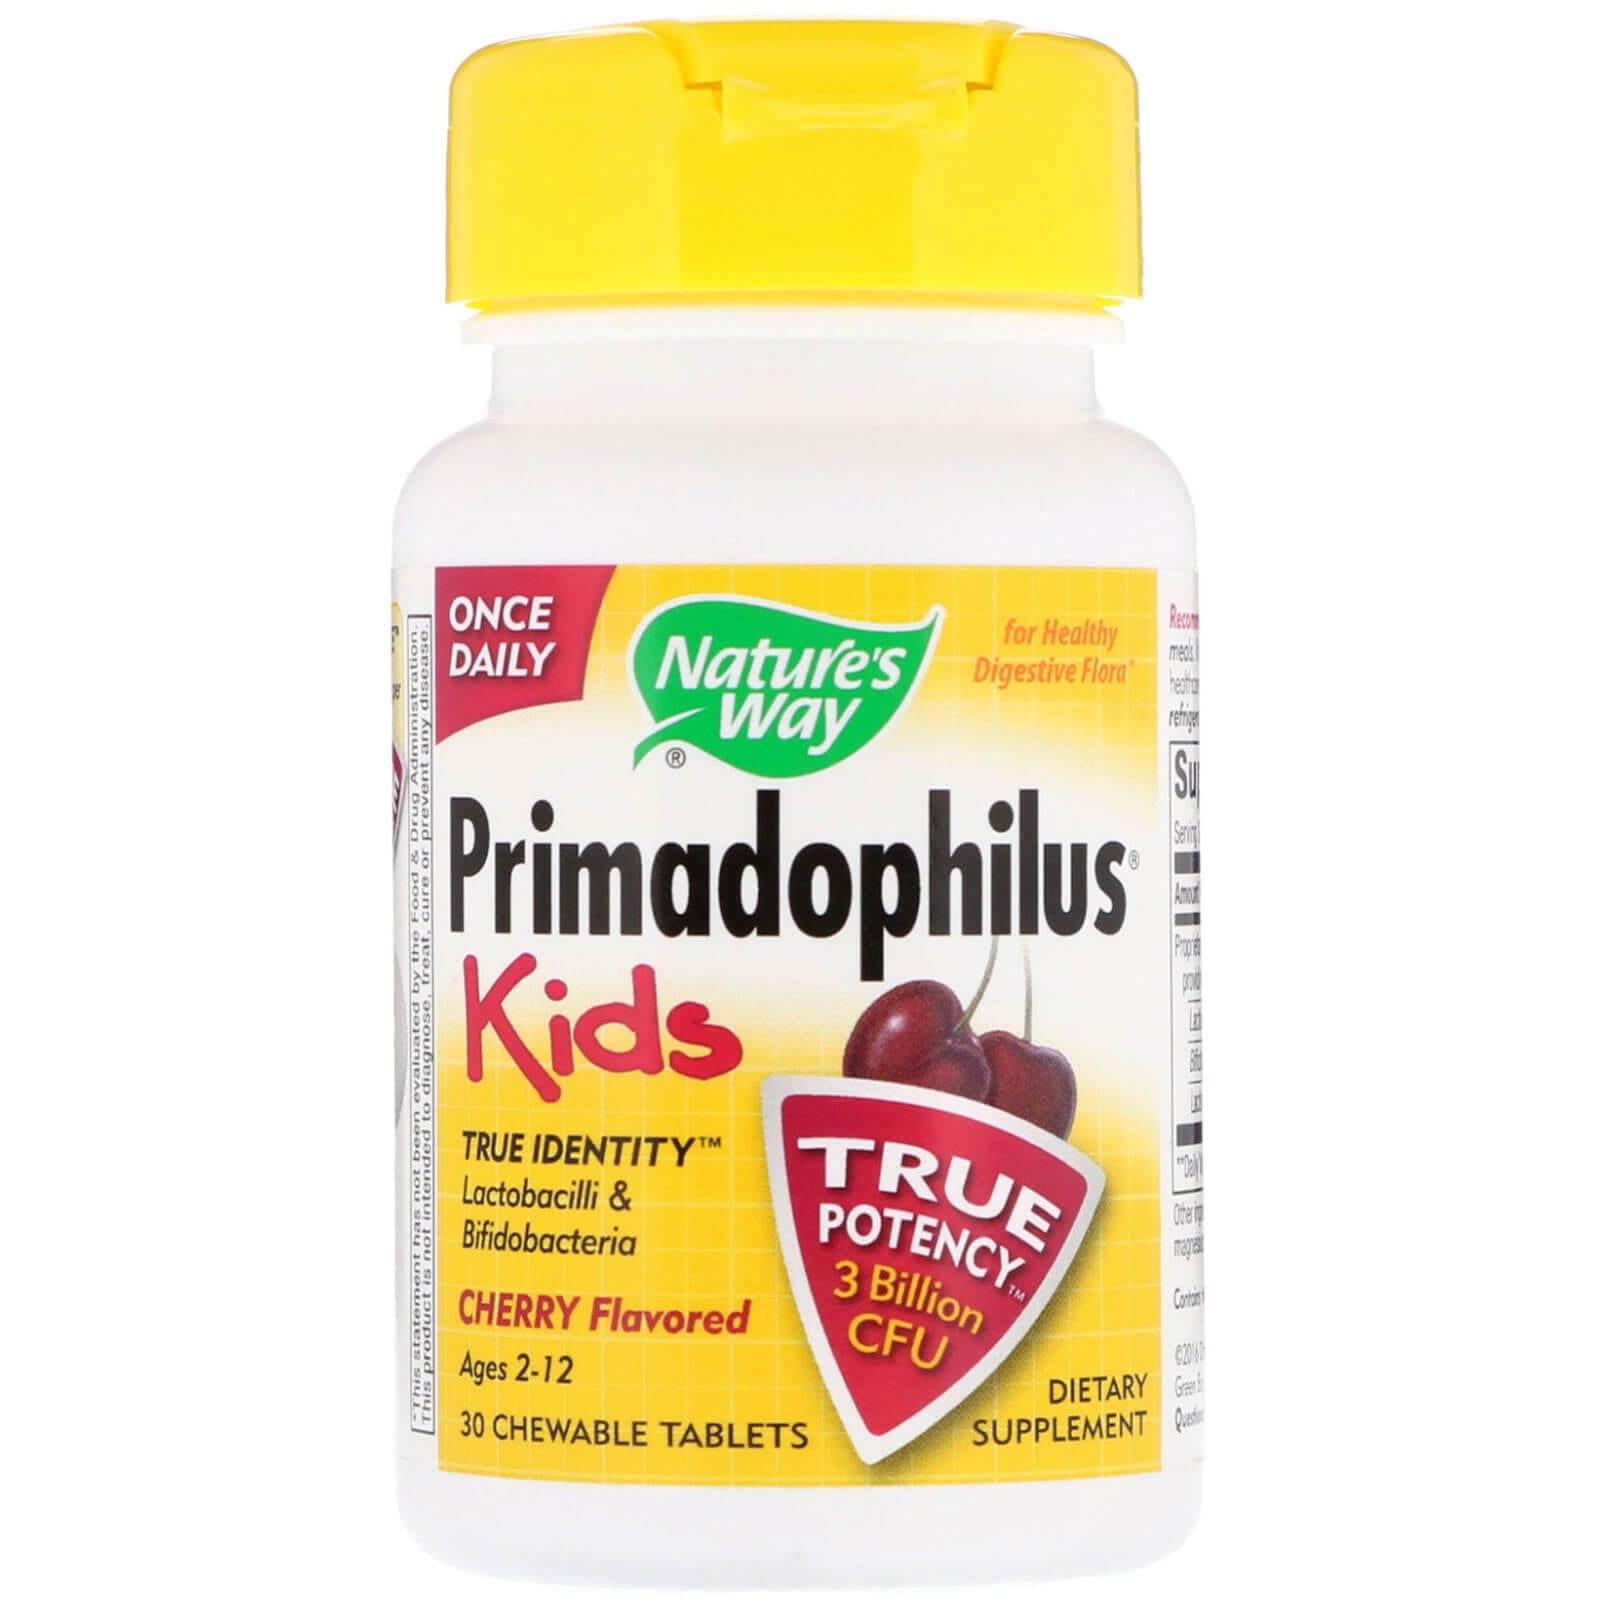 小孩用益生菌